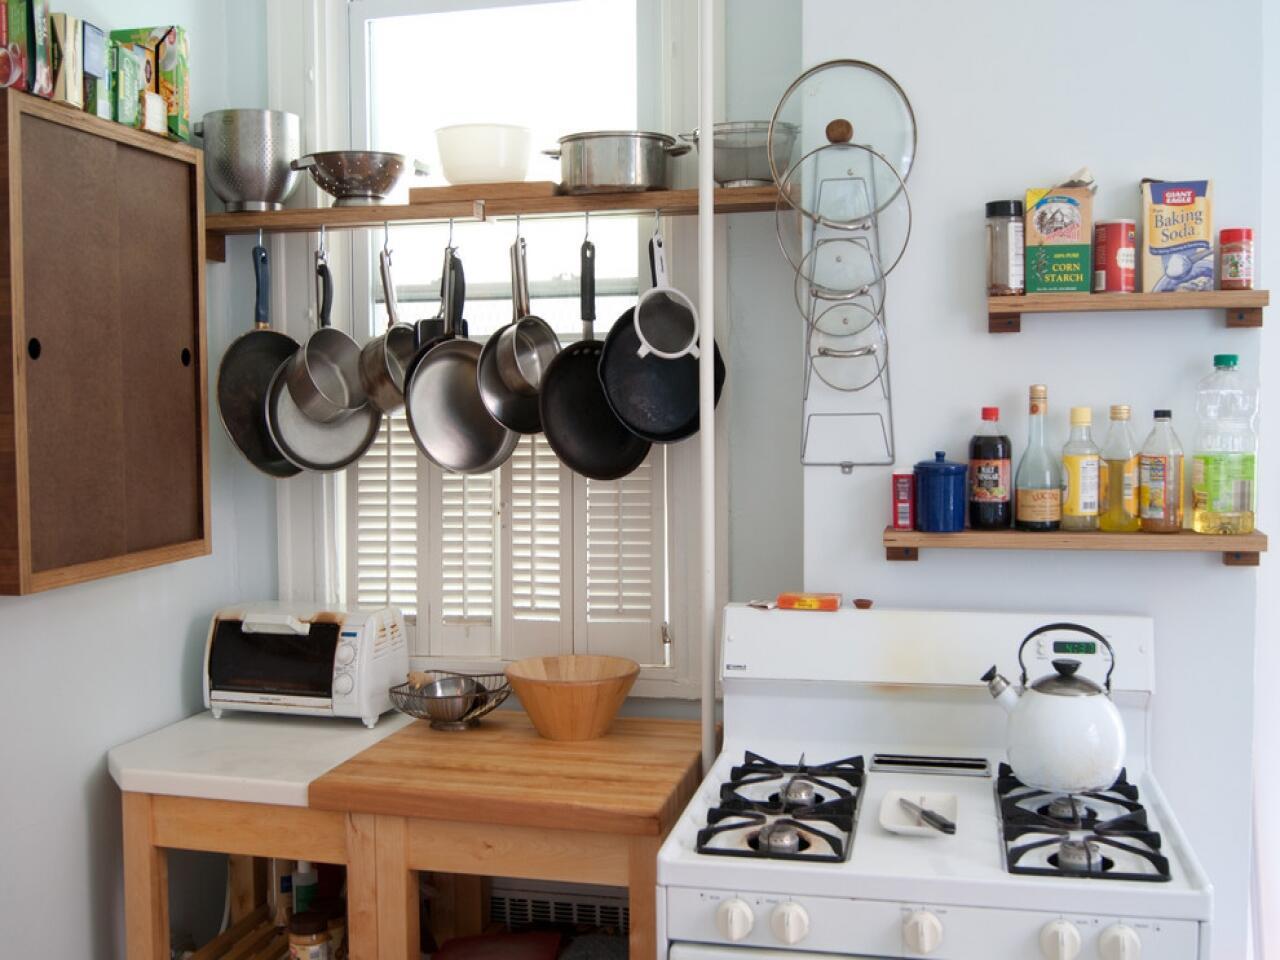 """3 """"ổ bệnh"""" ẩn náu trong gian bếp của mọi gia đình, nếu không khẩn trương xử lý thì bạn và người thân đều có thể mắc nhiều loại bệnh nguy hiểm - Ảnh 5."""